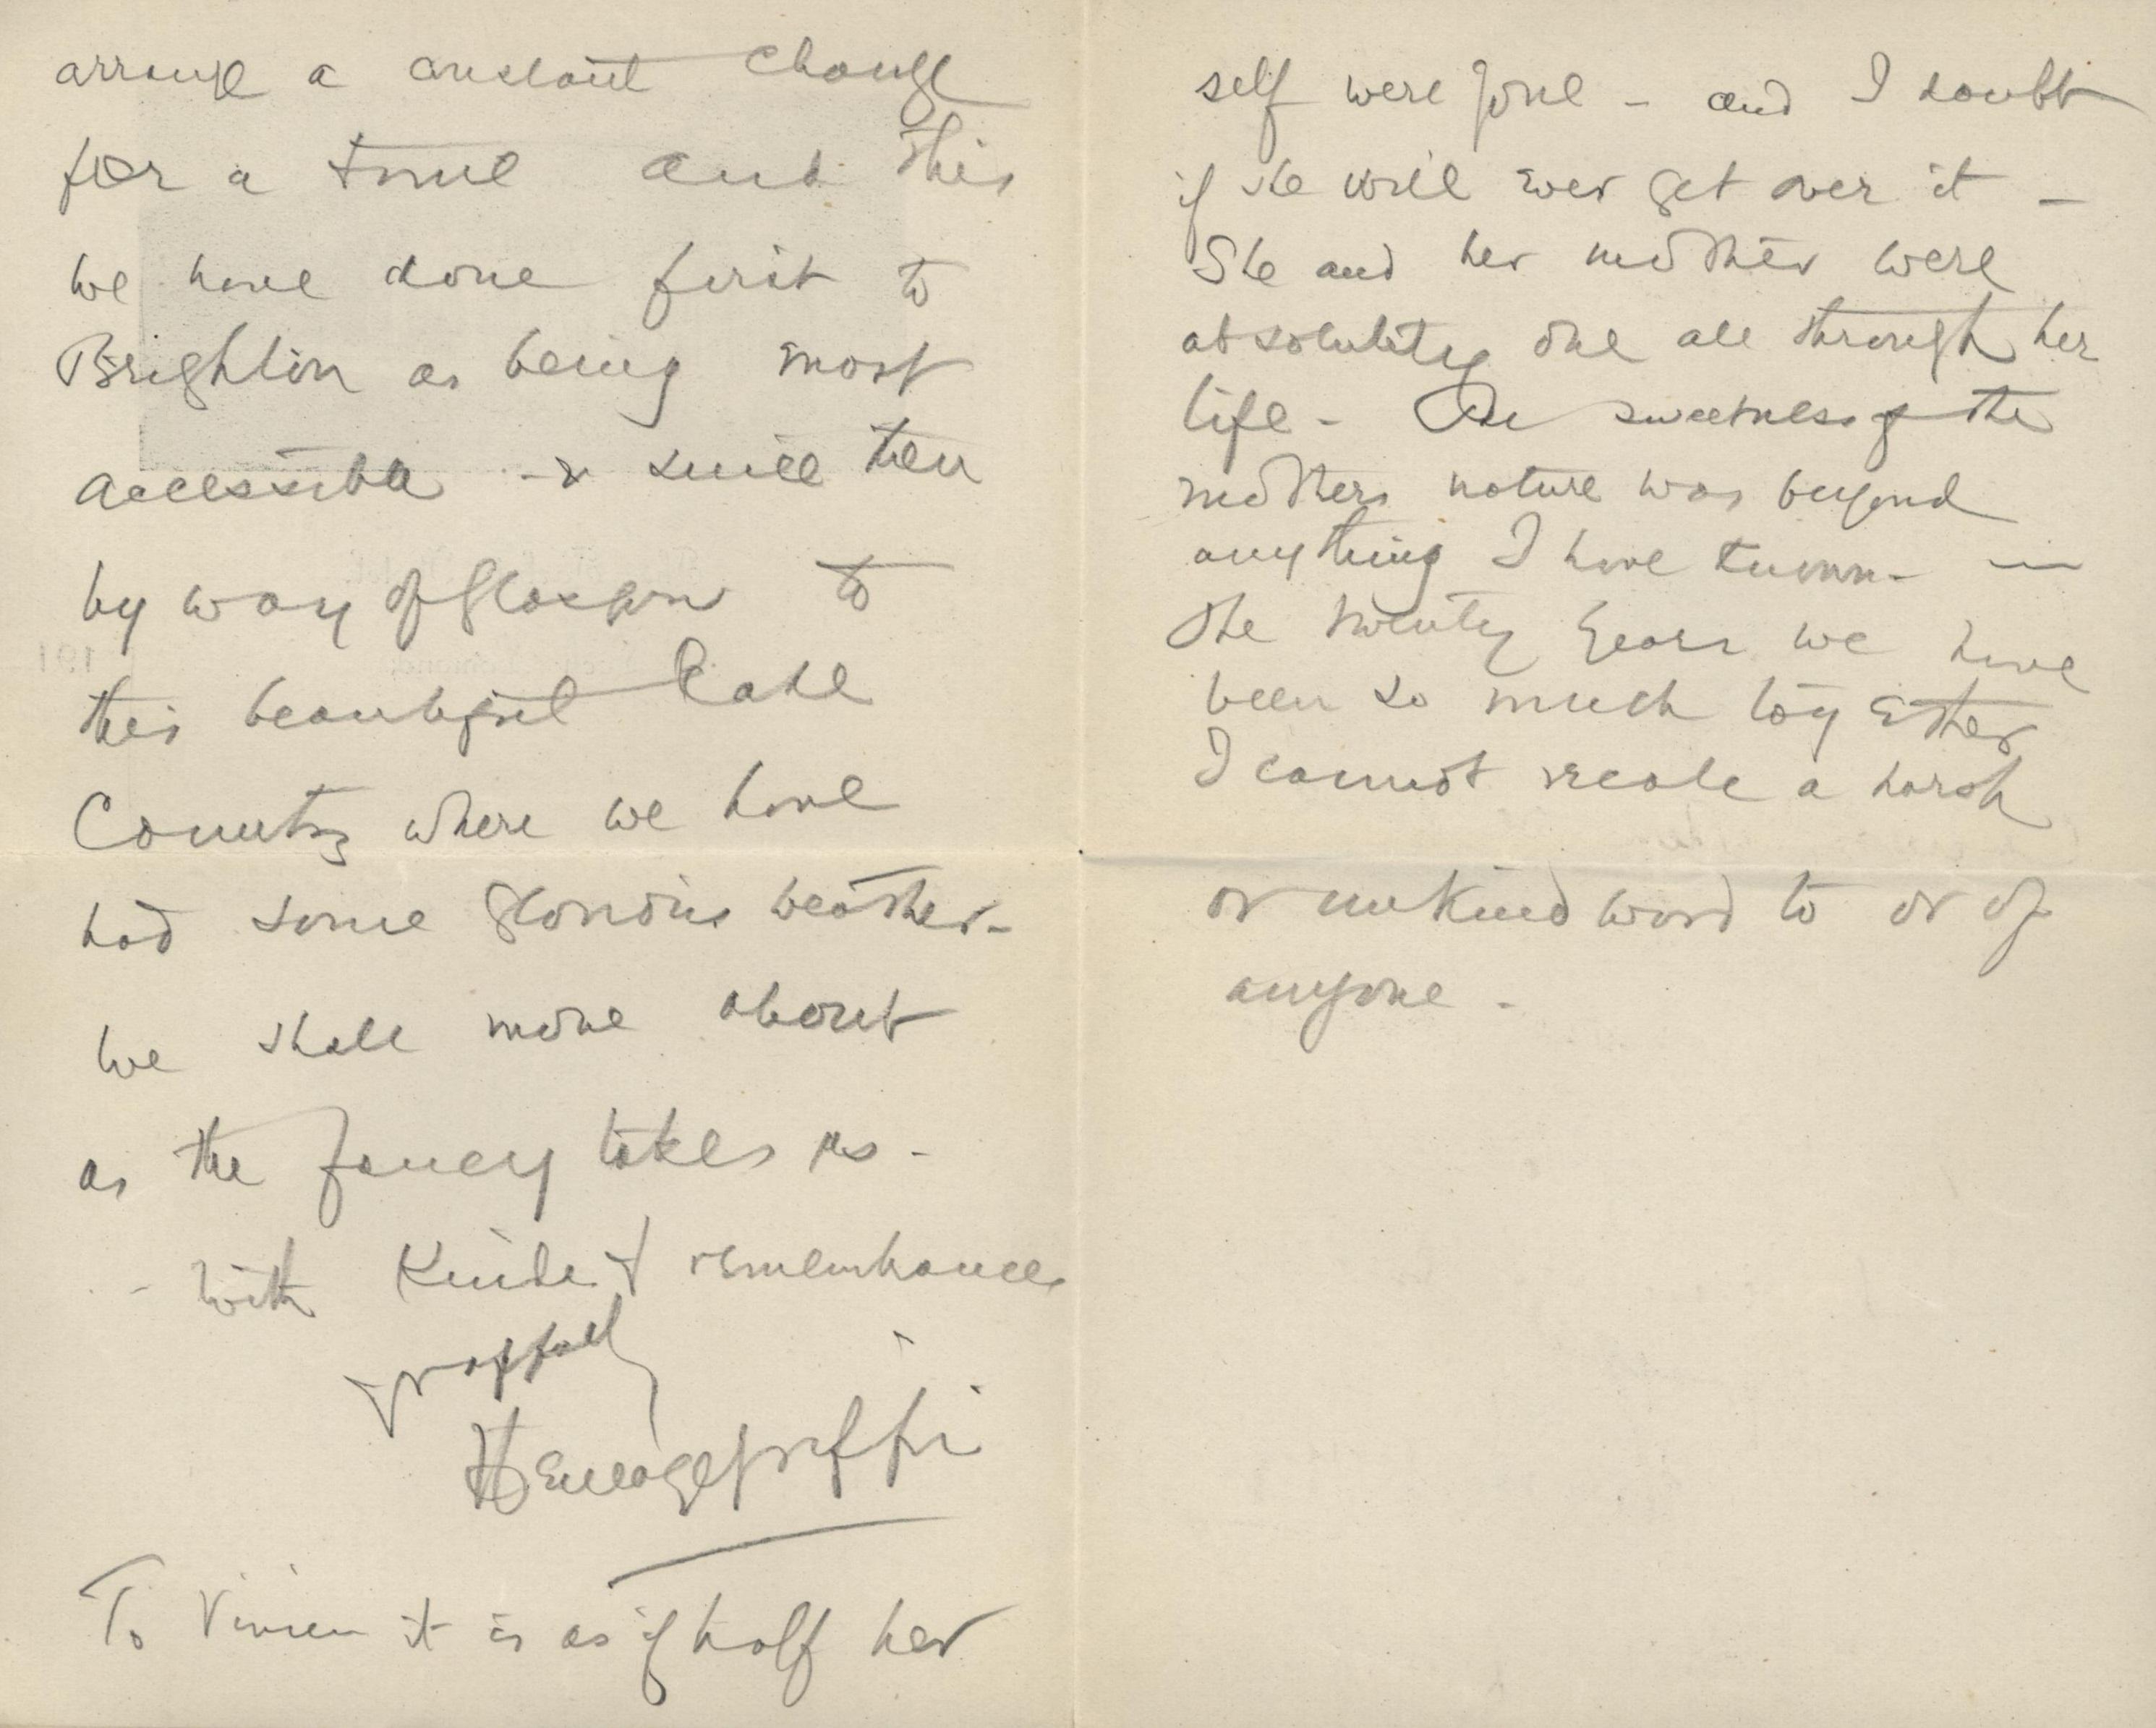 15 Jul 1916 letter